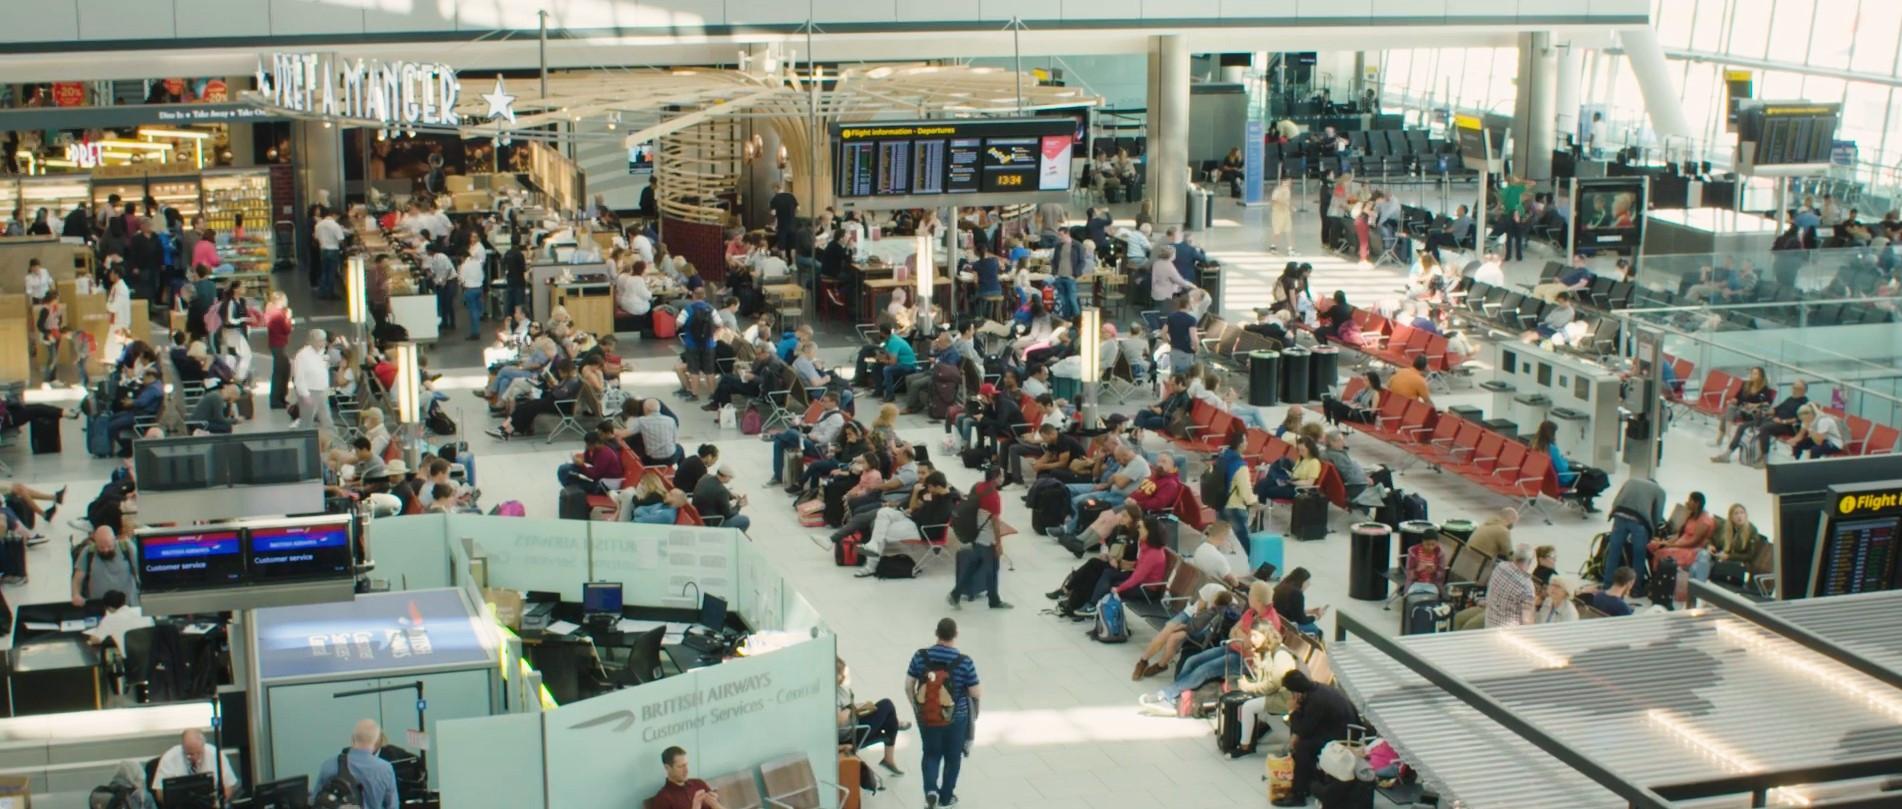 数字化转型 | 云计算助力希思罗机场减轻旅客压力